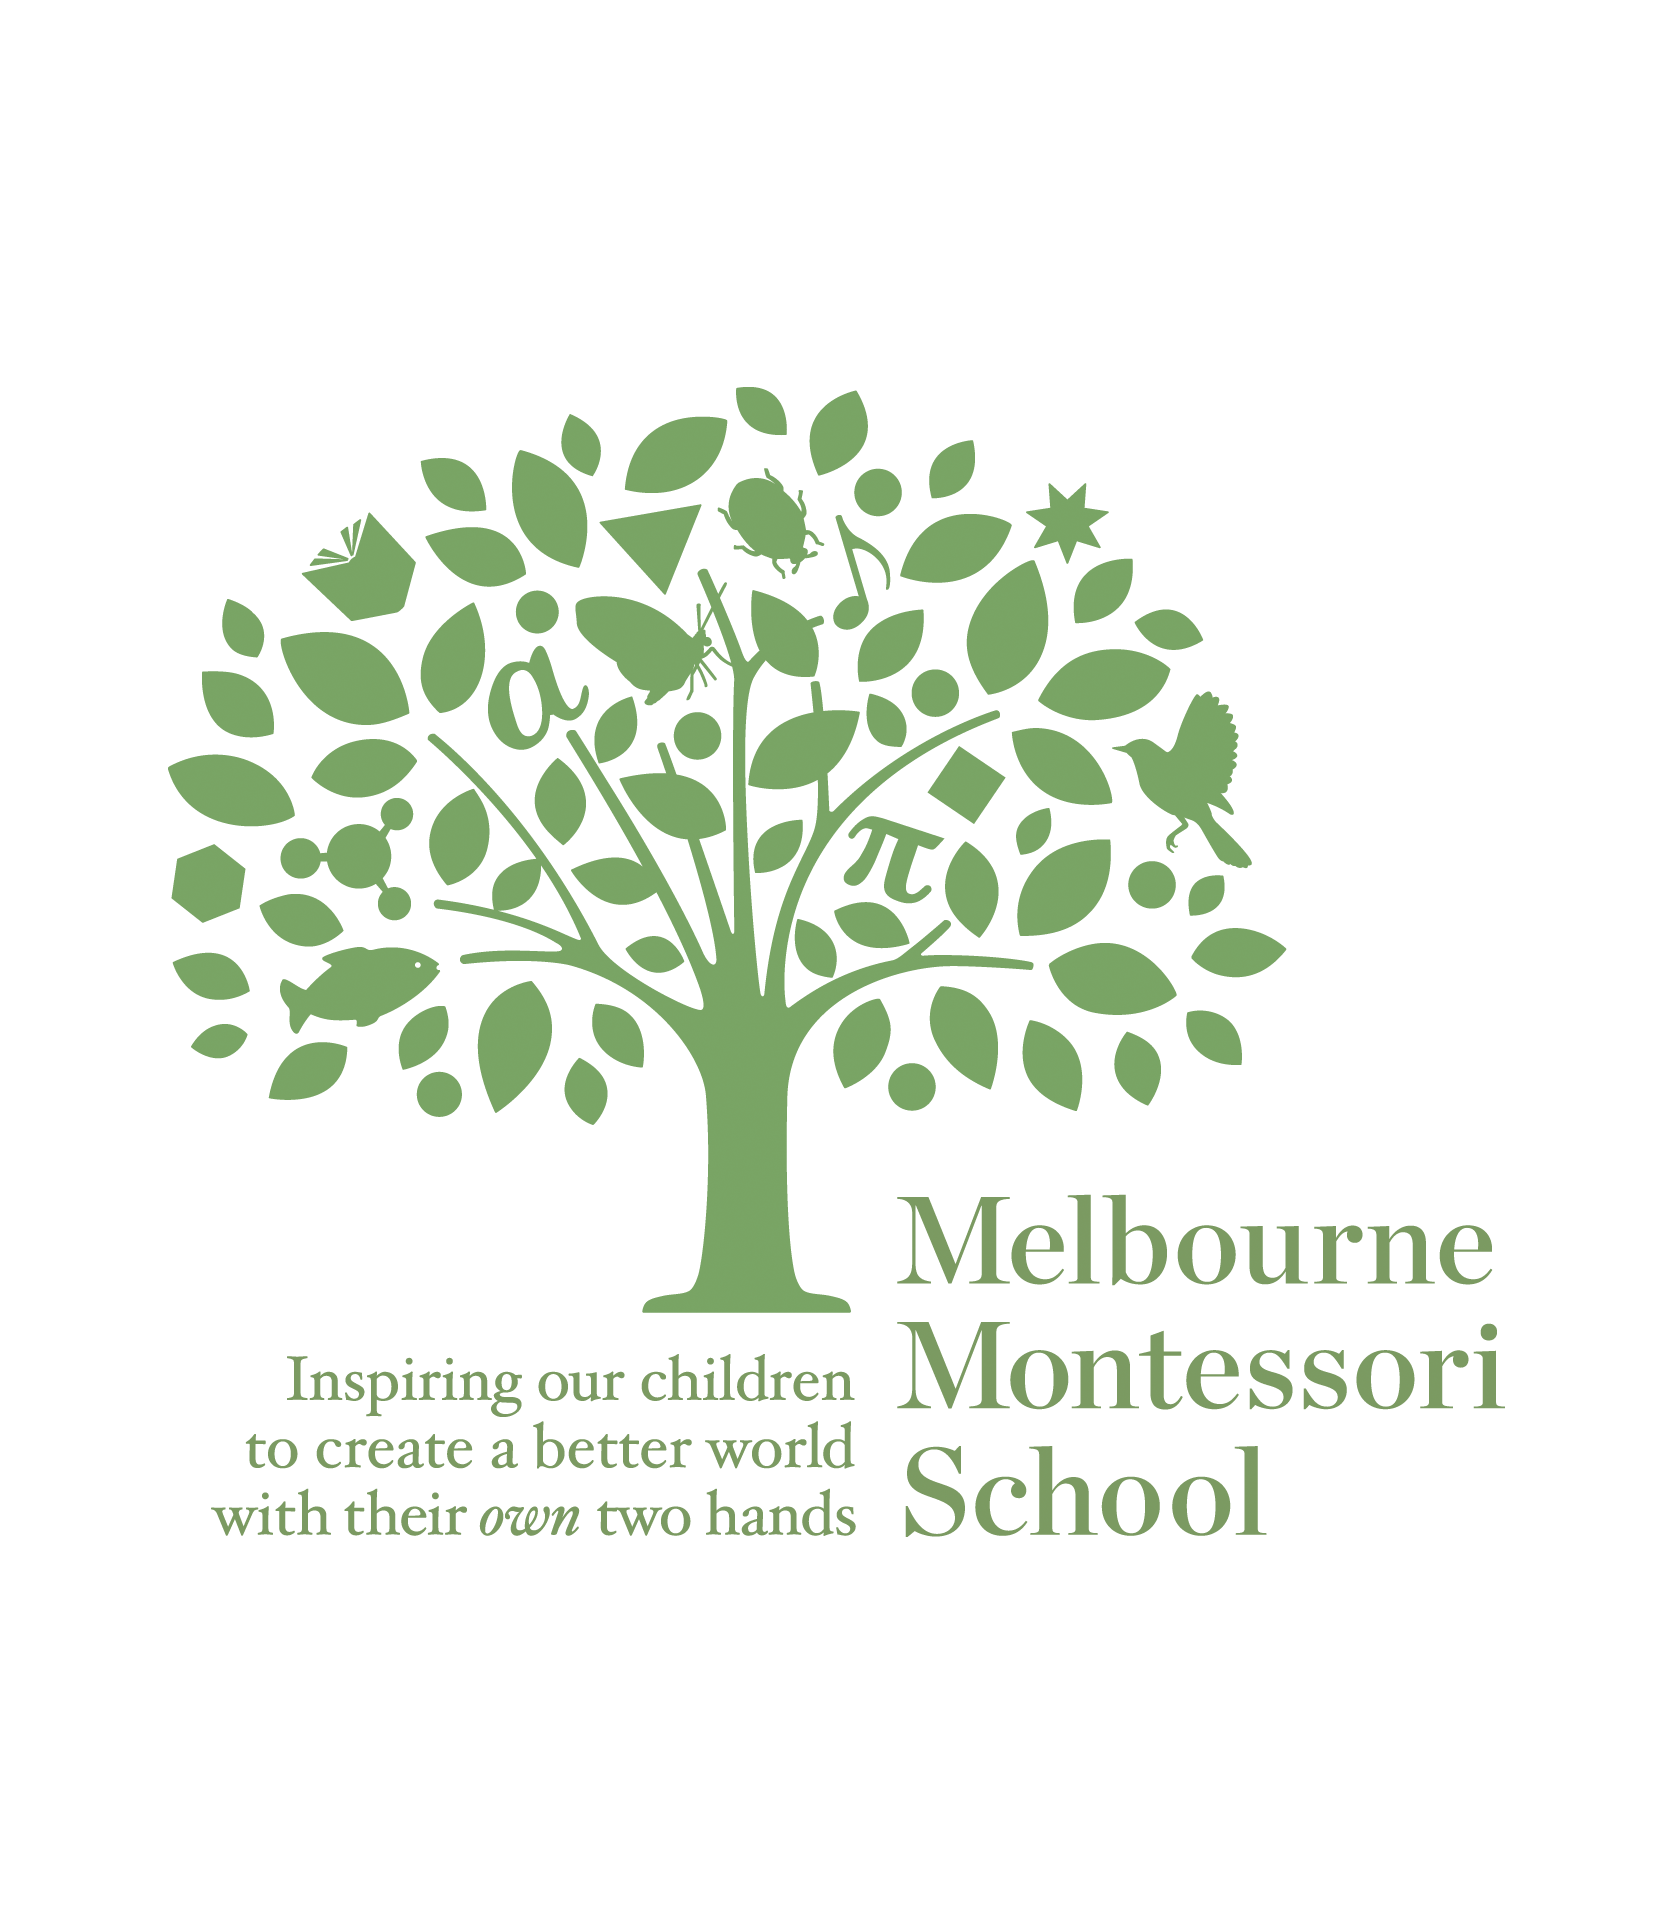 Melbourne Montessori Senior School, Brighton East, VIC